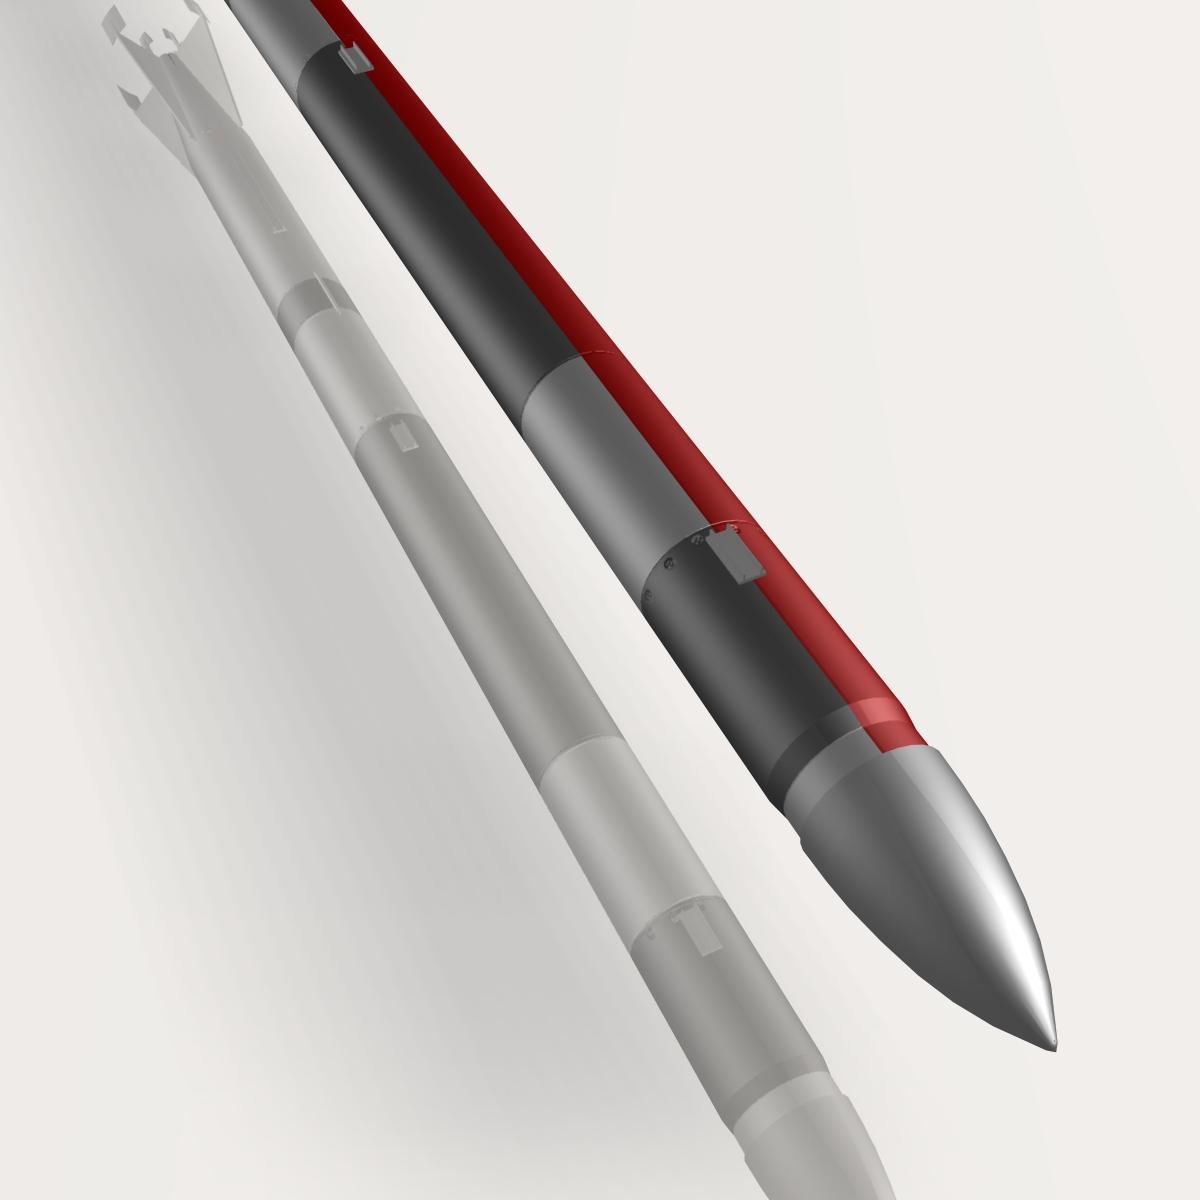 us l-13 rocket 3d model 3ds dxf cob x obj 140318